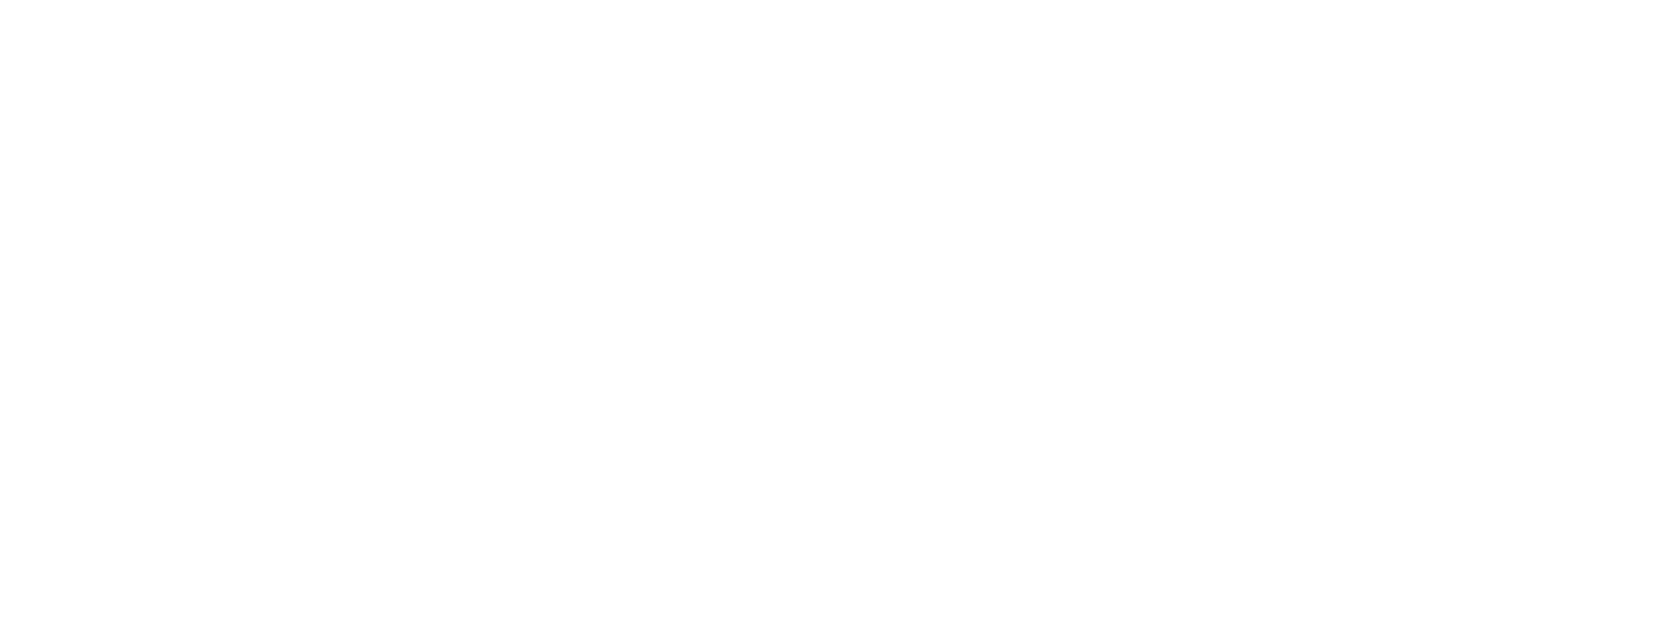 DIFFERENTAL_FEHER